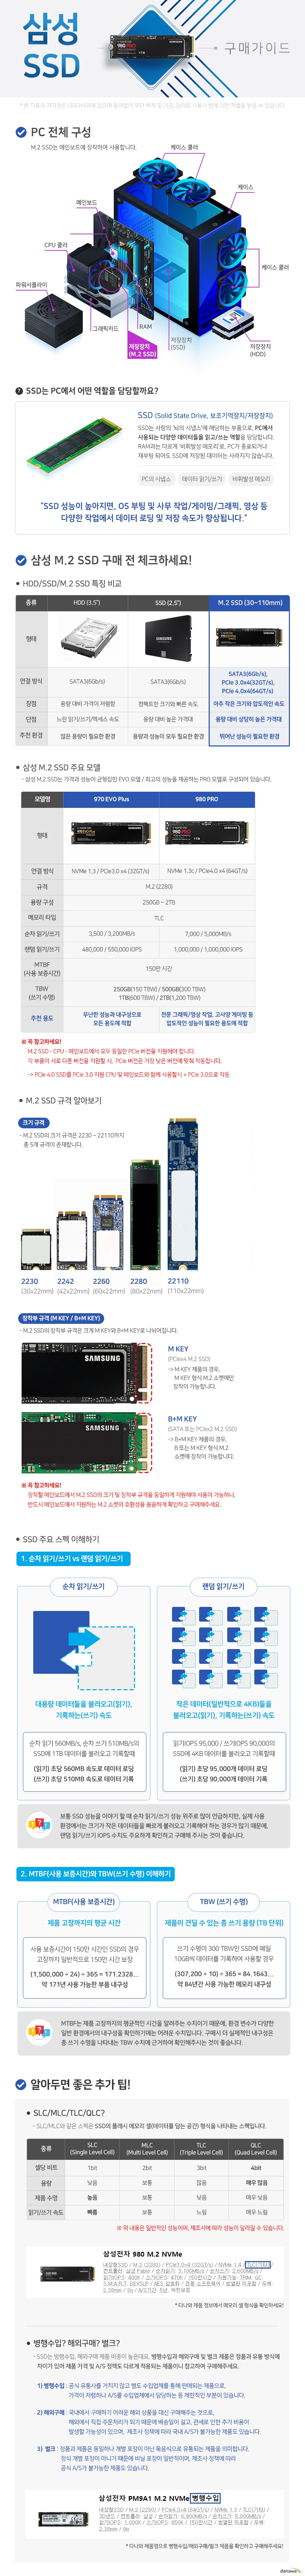 삼성 MDOTTWO SSD 구매가이드 MDOTTOW SSD는 PC의 메인보드에 장착하여 사용합니다.  SSD는 PC에서 사용되는 다양한 데이터들을 읽고/쓰는 역할을 담당합니다. SSD 성능이 높아지면 OS 부팅 및 사무작업 게이밍 그래픽 영상 등 다양한 작업에서 데이터 로딩 및 저장 속도가 향상됩니다.  MDOTTWO SSD 장점 아주 작은 크기와 압도적인 속도 단점 용량 대비 상당히 높은 가격대 추천 환경 뛰어난 성능이 필요한 환경  삼성 MDOTTWO SSD 주요 모델 970 에보 플러스 980 프로  970 에보 플러스는 무난한 성능과 내구성으로 모든 용도에 적합합니다. 980 프로는 전문 그래픽 및 영상 작업 고사양 게이밍 등 압도적인 성능이 필요한 용도에 적합합니다.